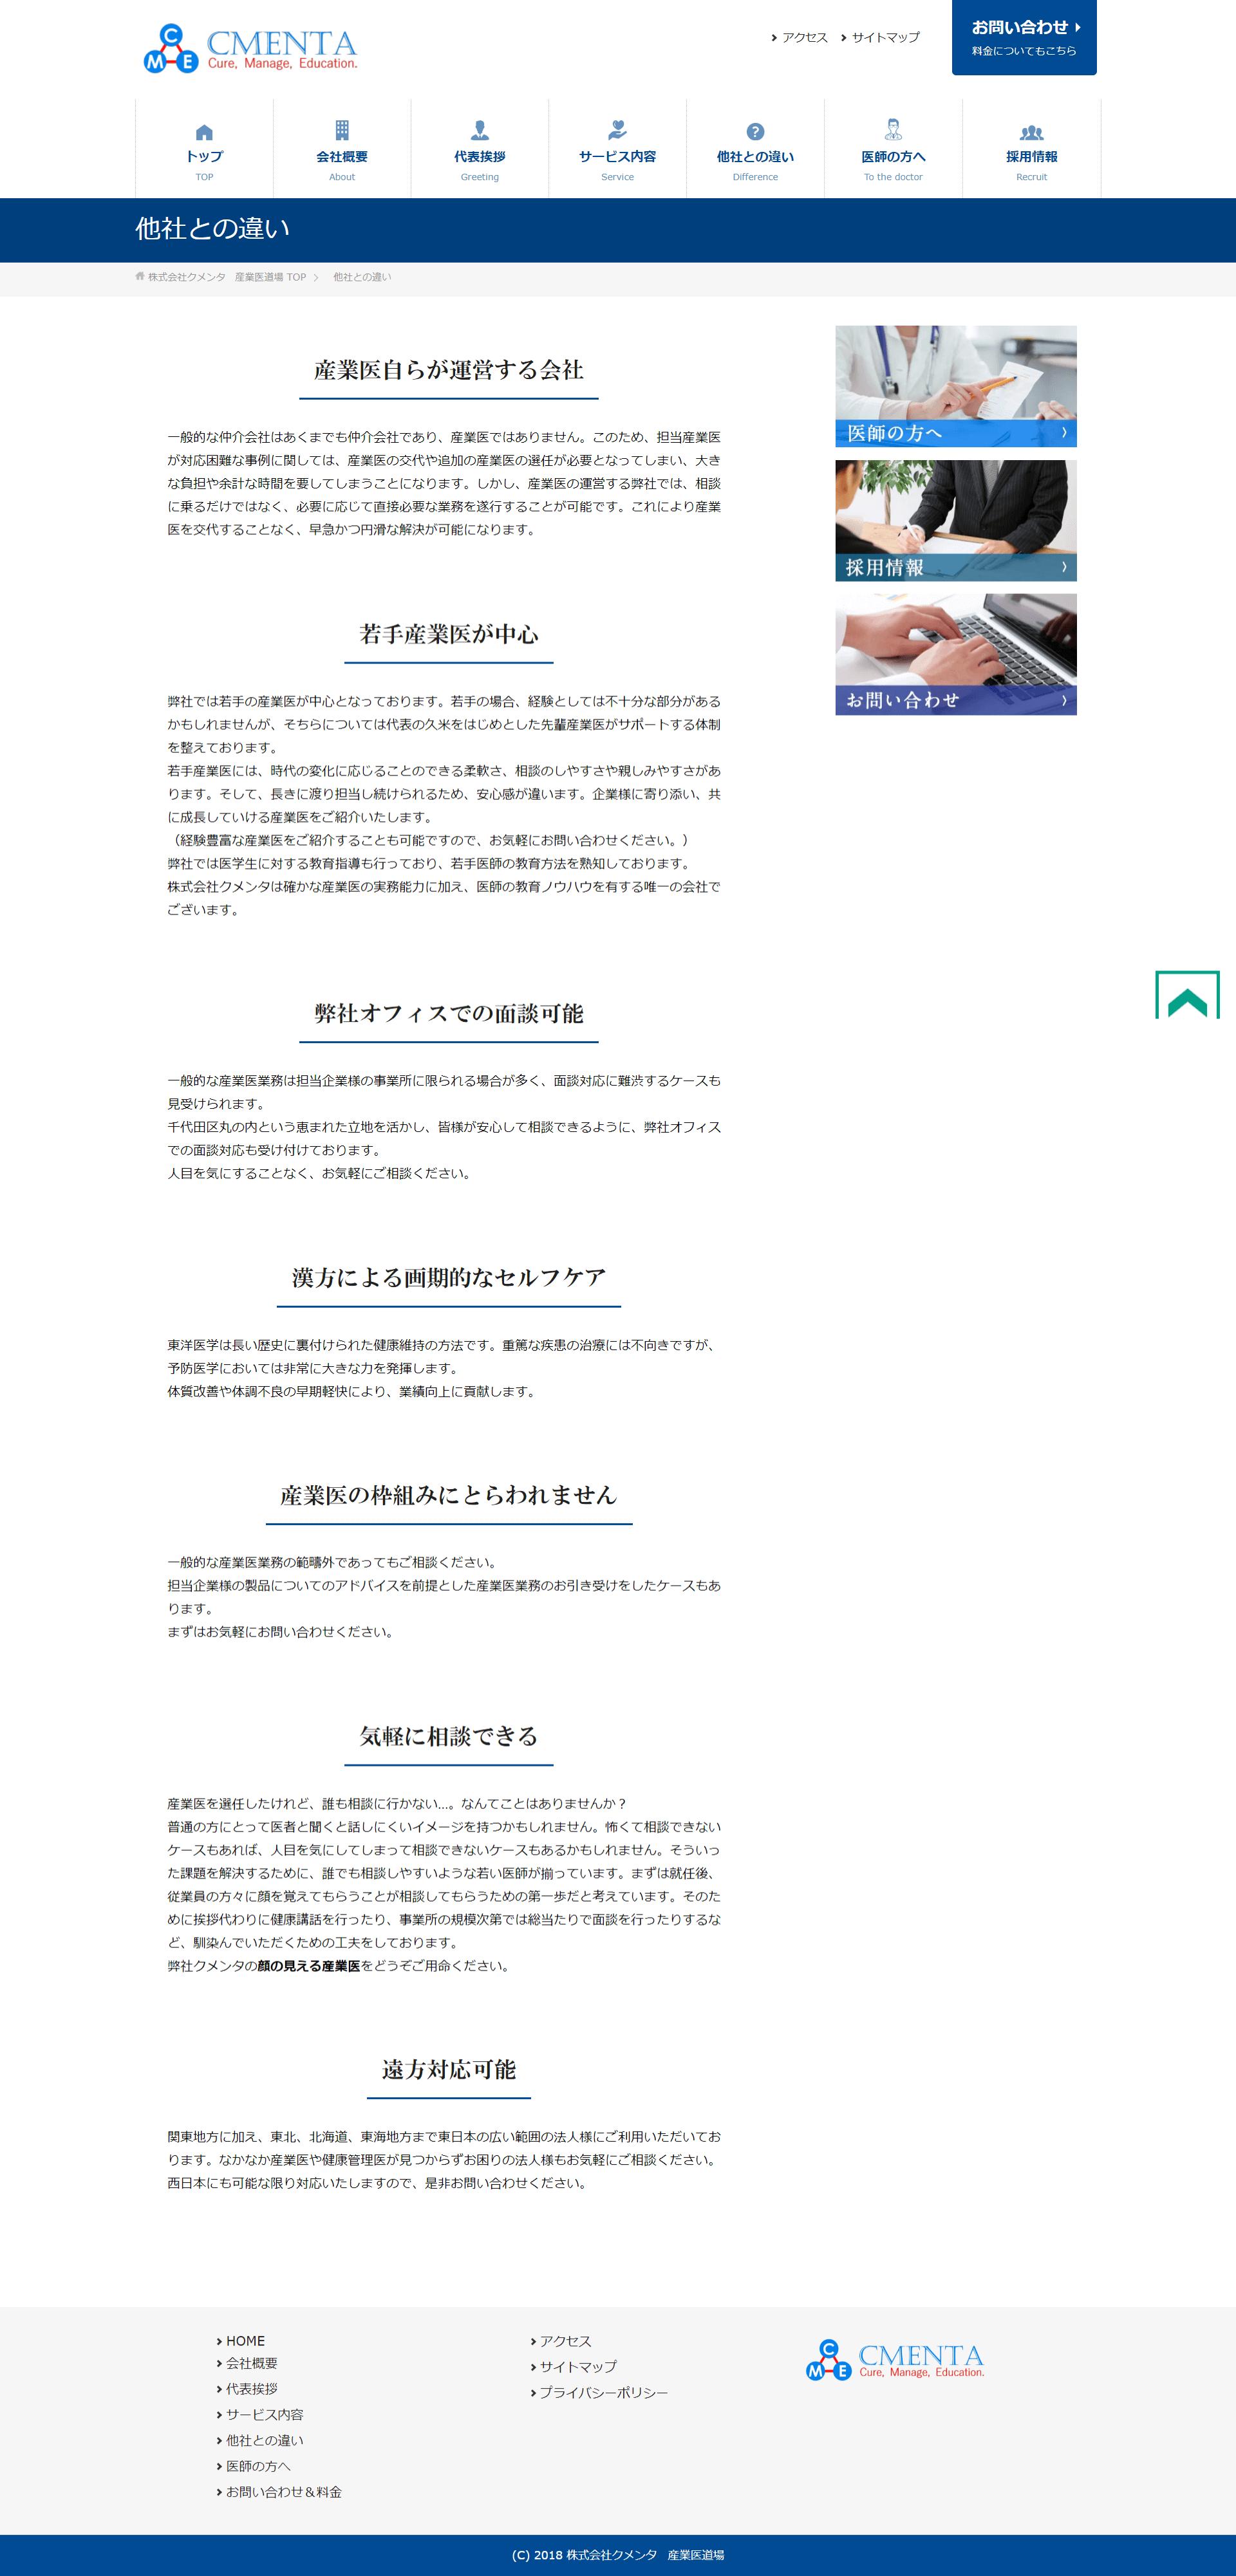 株式会社クメンタPC他社との違い画像